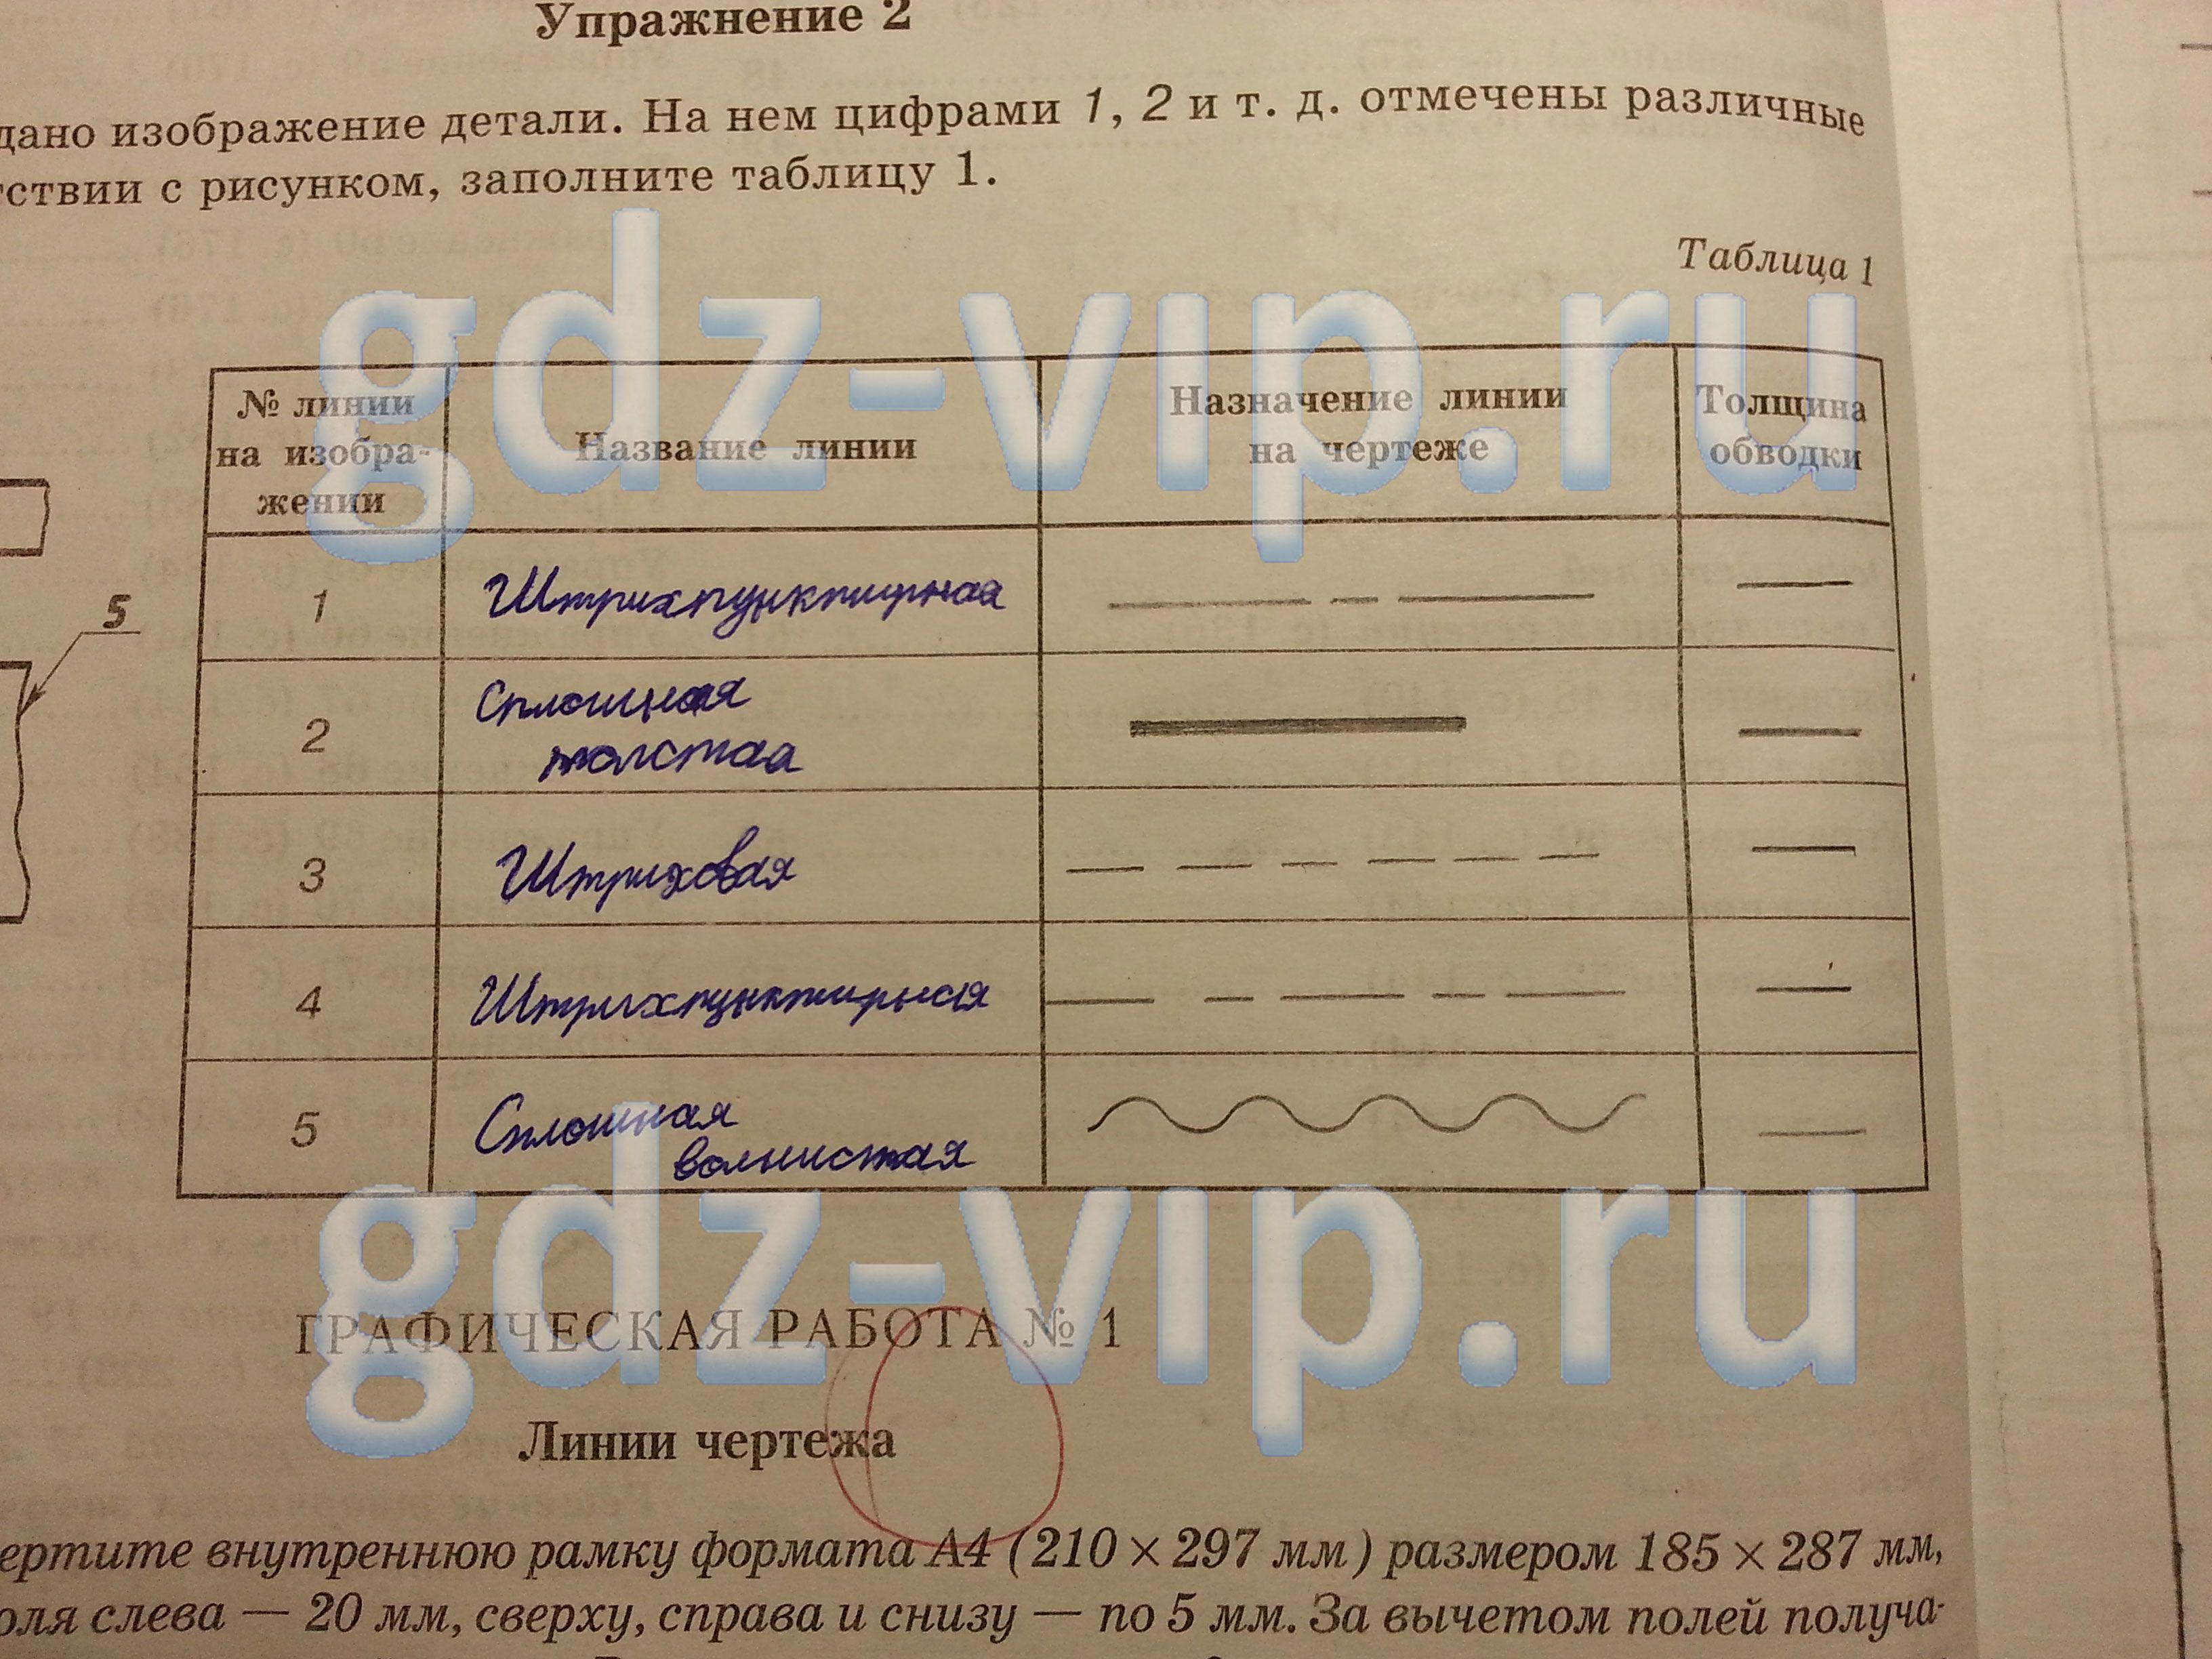 Ф.я.божинова о.о.кирюхина лабораторные работы 8 класс гдз